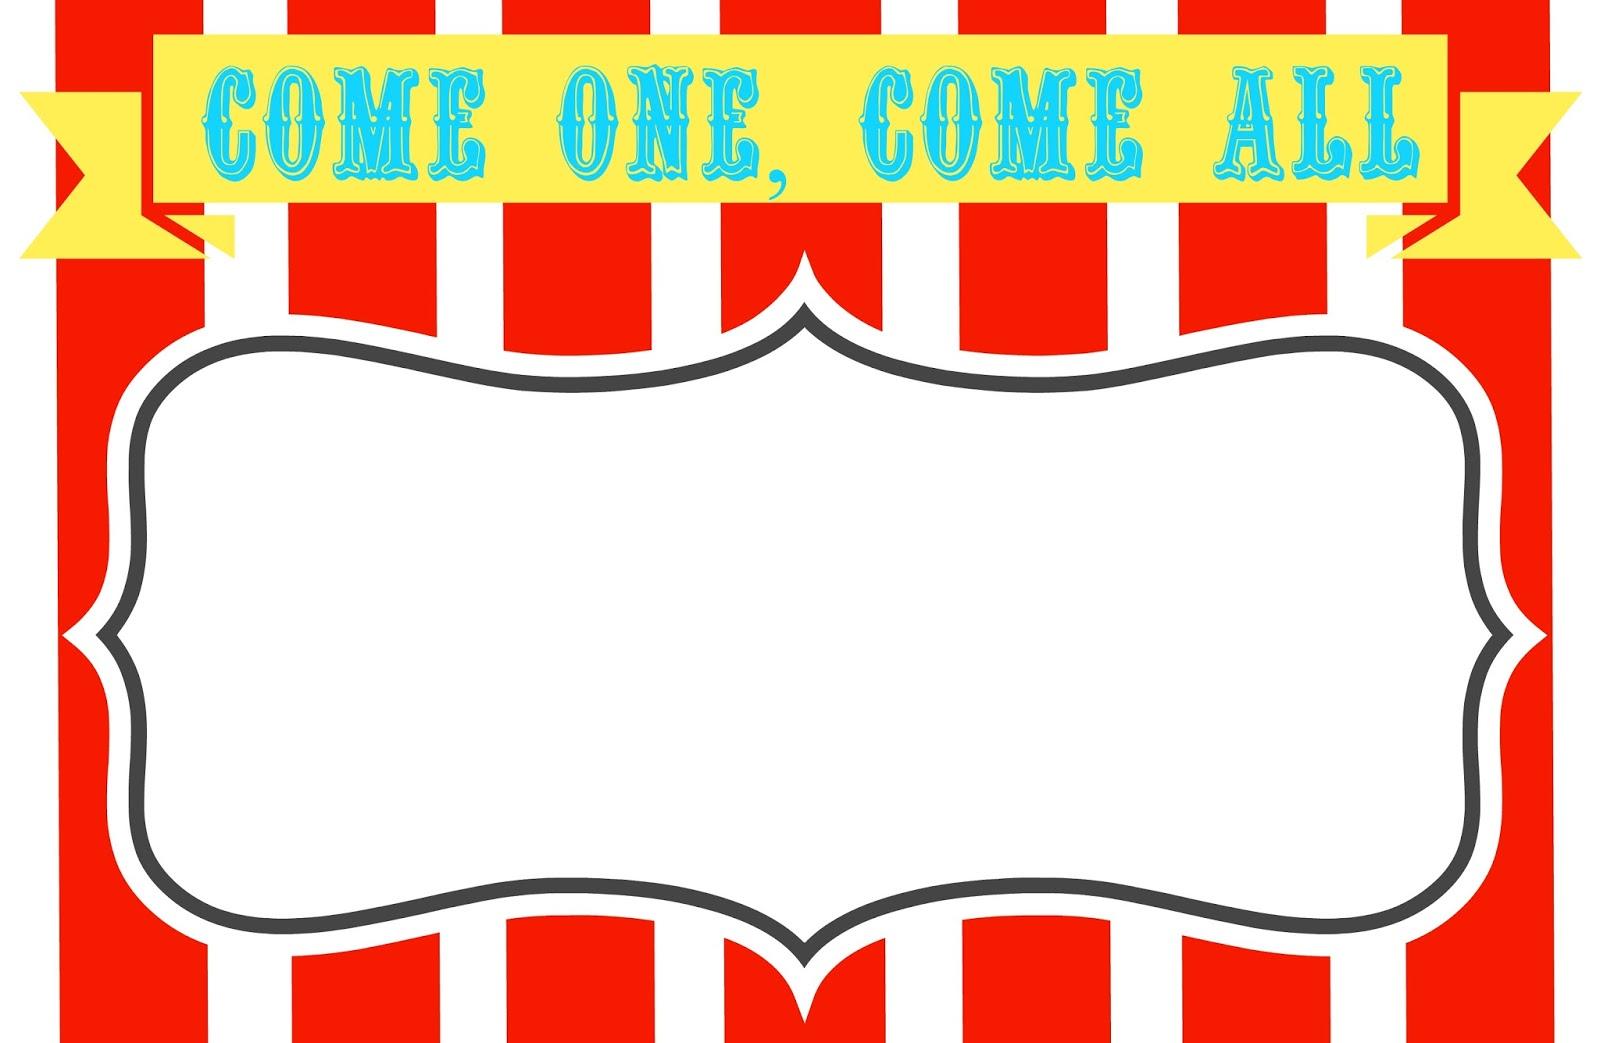 Carnival Clip Art 2. Carnival Signs Temp-Carnival clip art 2. Carnival signs template .-3